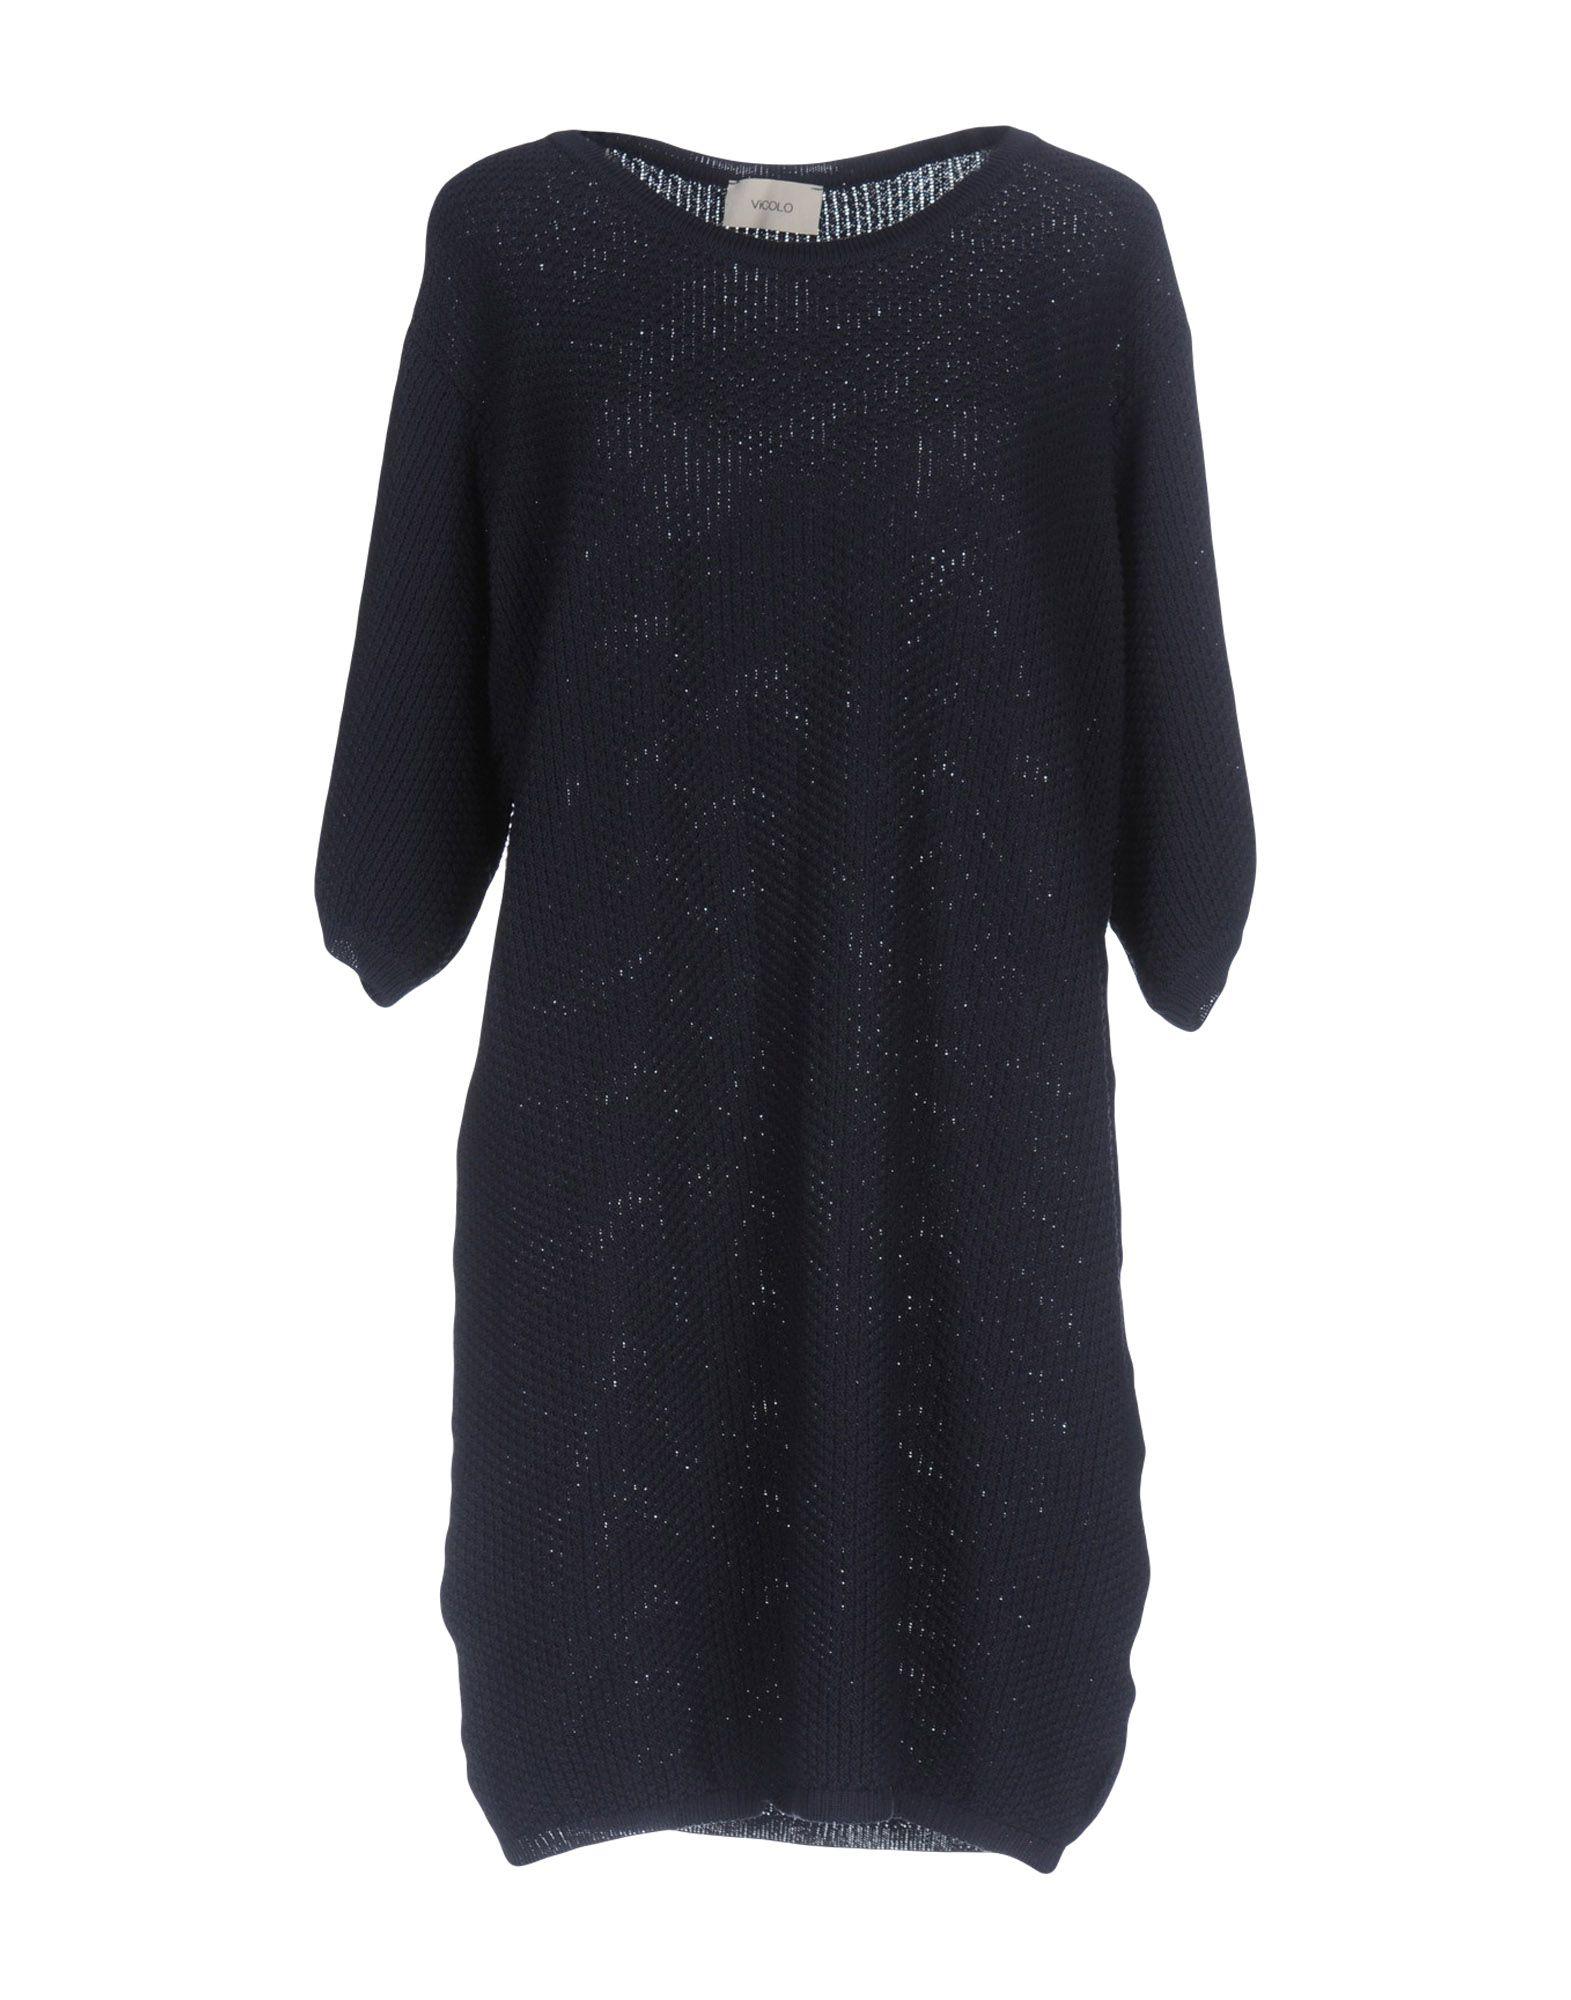 VICOLO Damen Pullover Farbe Dunkelblau Größe 1